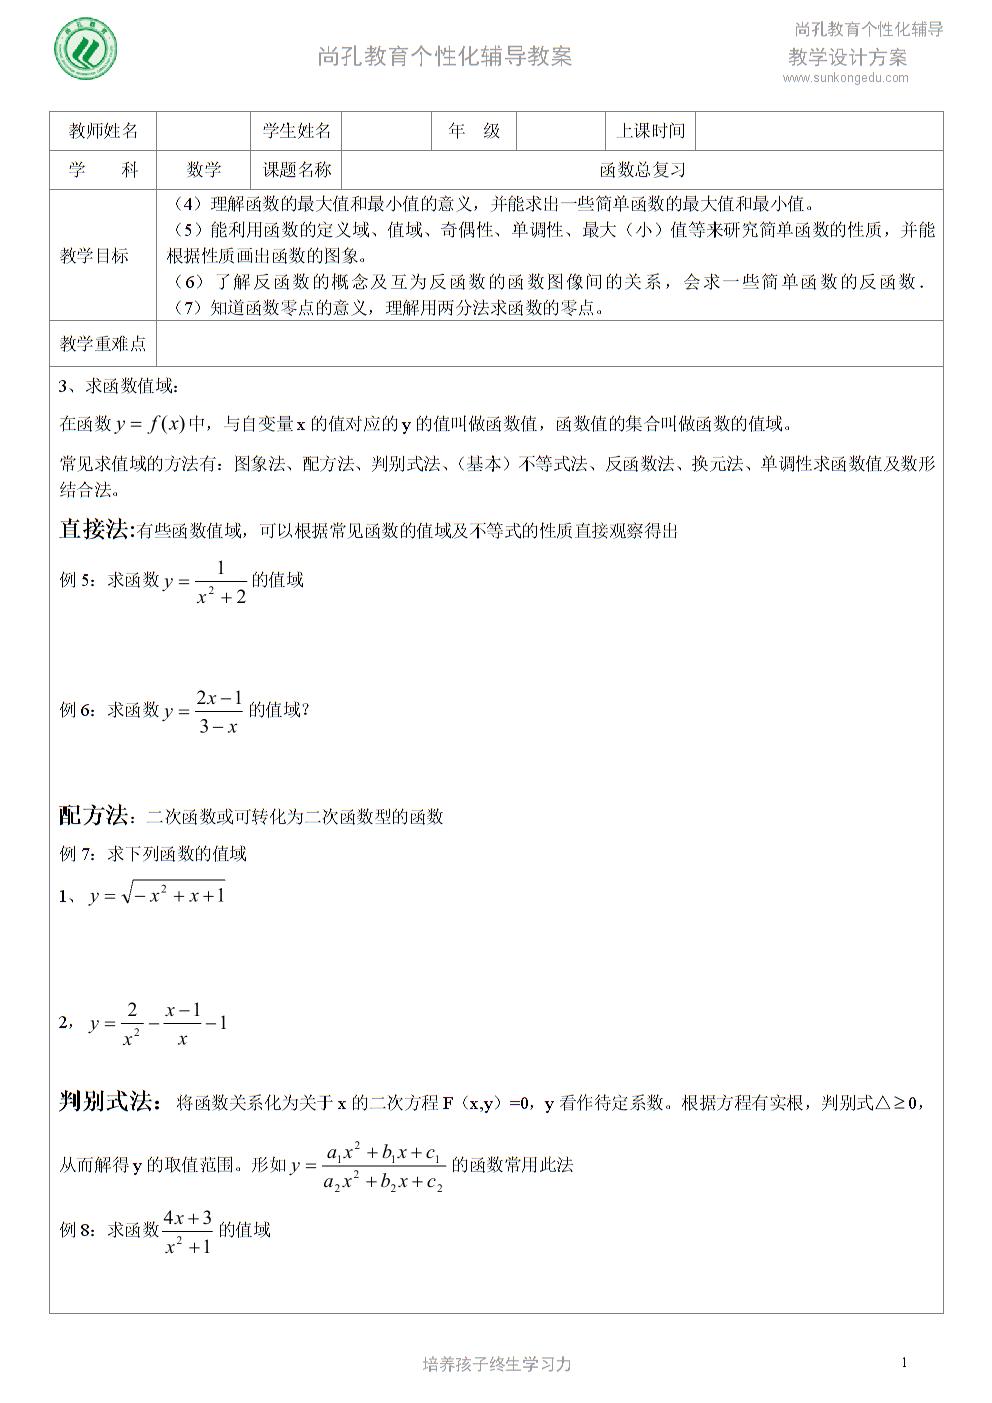 培训机构高一数学教案(一对一暑假班)高一函数总复习第十二次课教案模板.doc